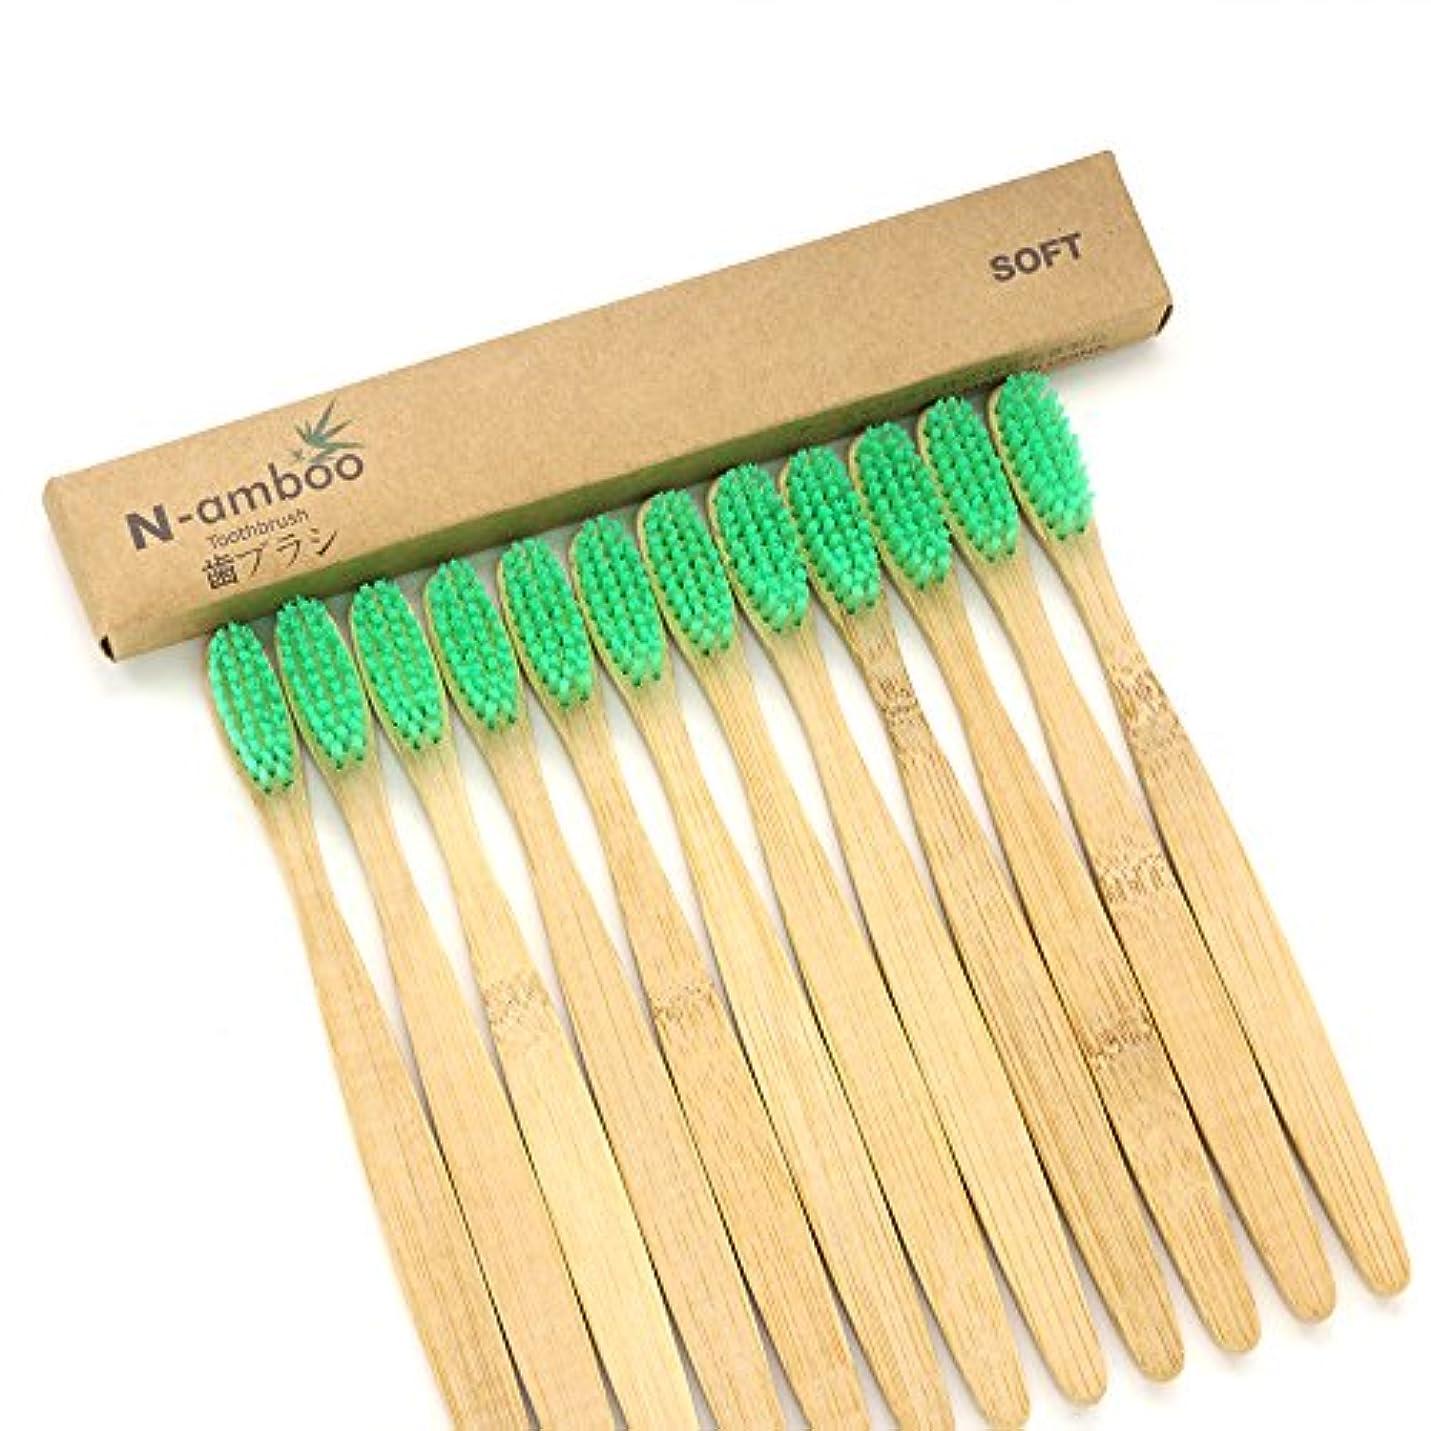 ウェーハ匿名マッサージN-amboo 竹製 歯ブラシ 高耐久性 セット エコ 軽量 12本入り 緑 セット